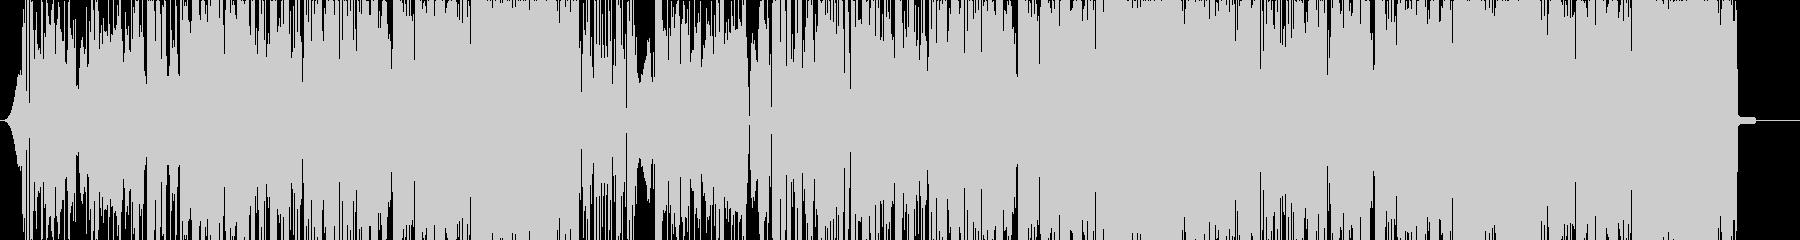 オシャレで切ないLO-FI R&Bの未再生の波形